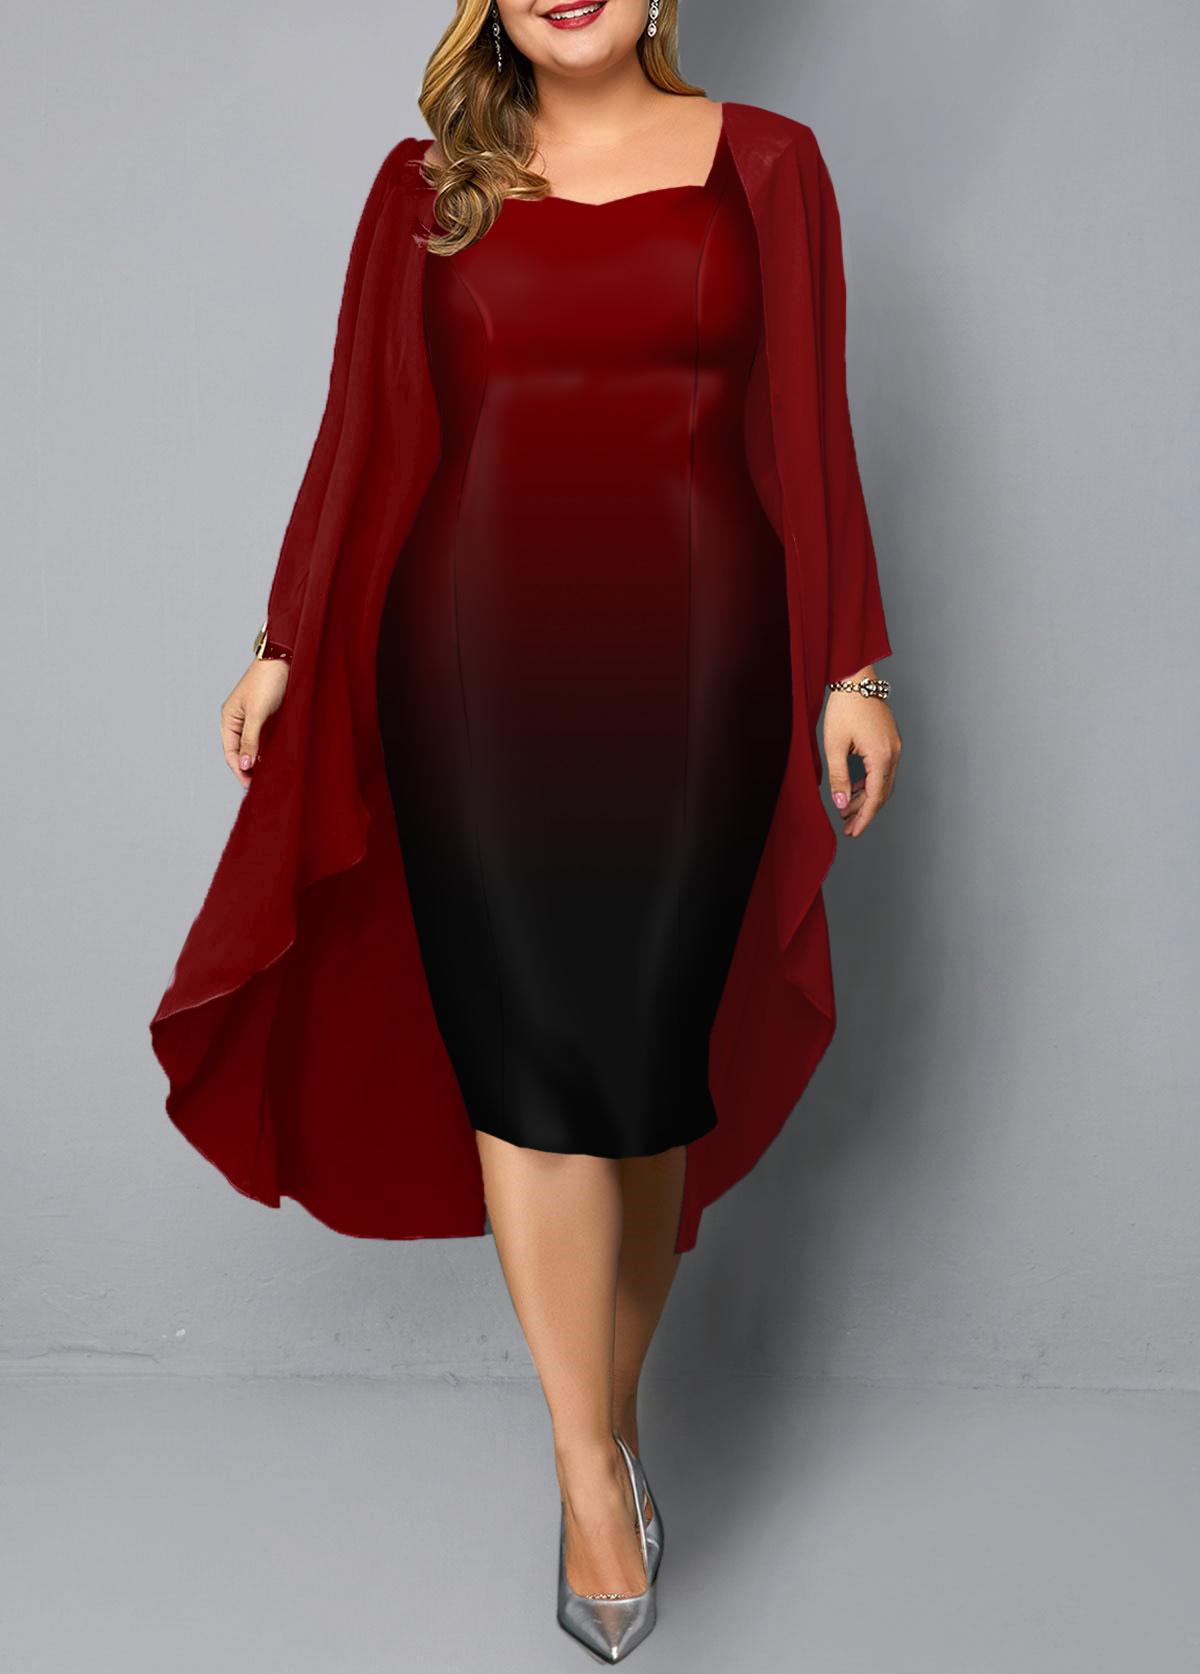 Chiffon Cardigan and Sleeveless Plus Size Dress